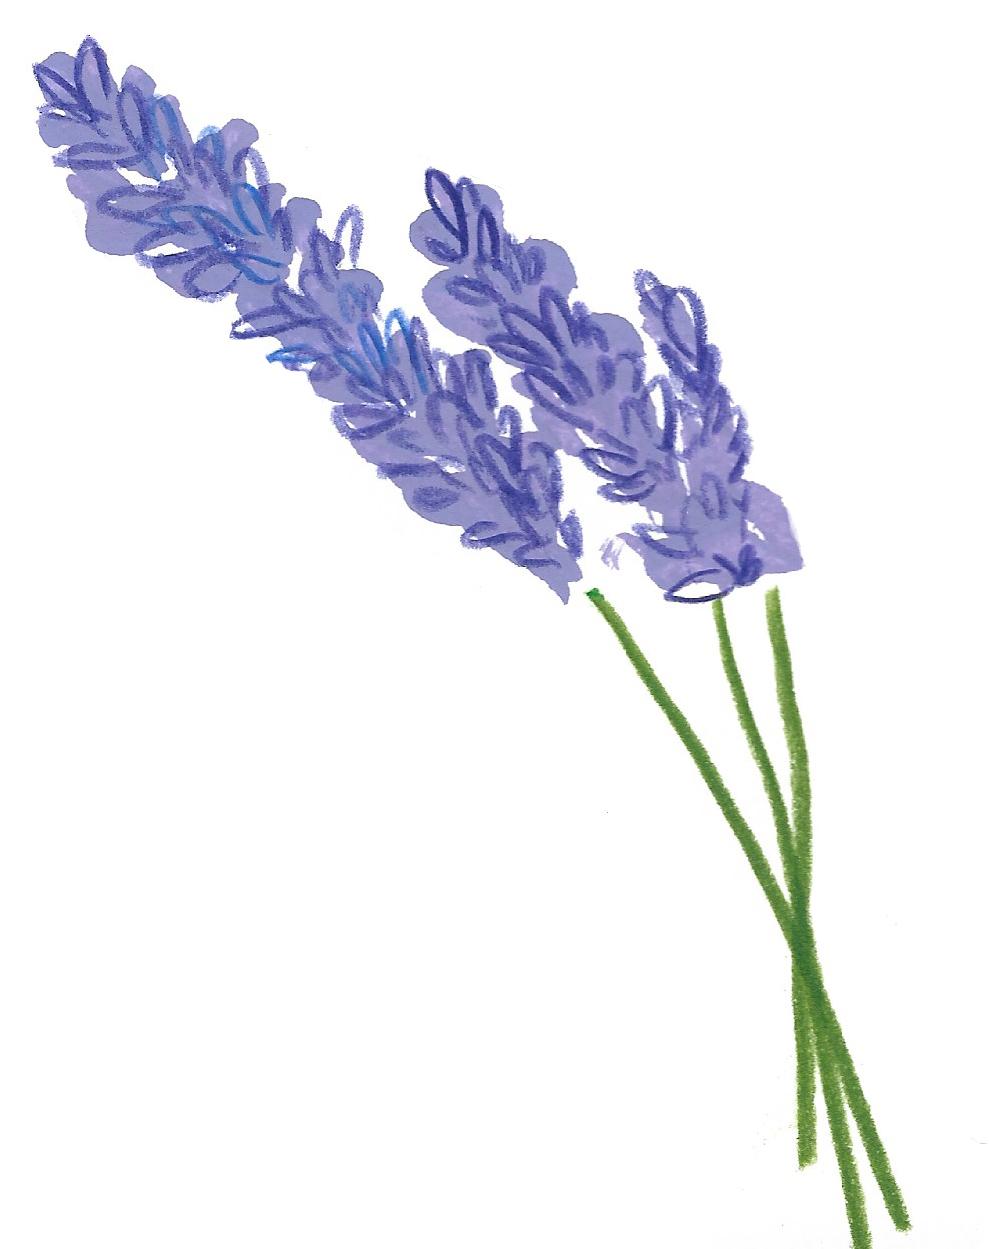 Botanical lavender packaging illustrations for Chain Bridge Honey Farm.